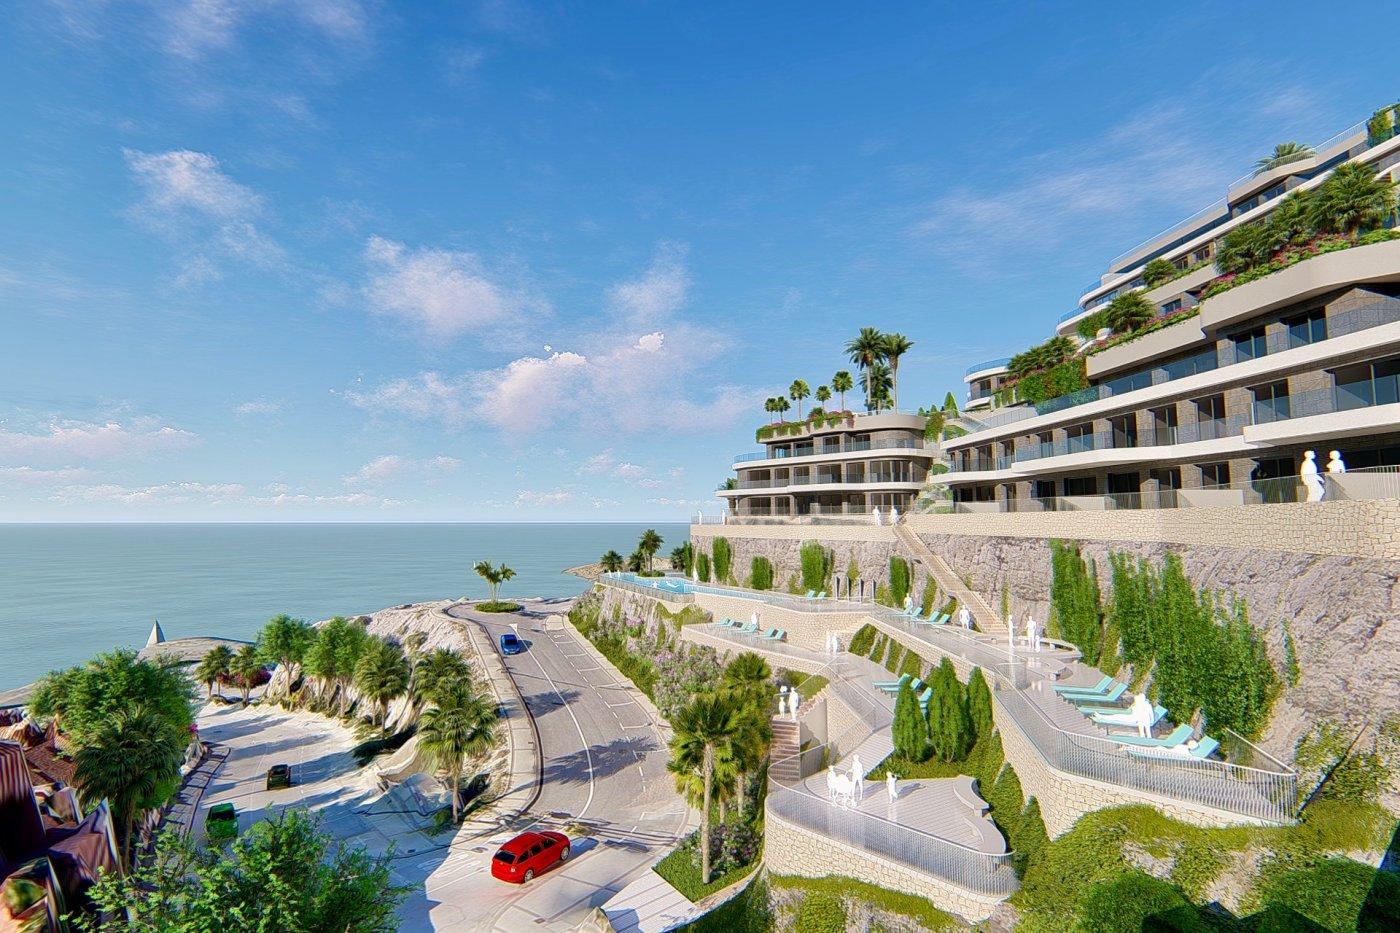 Galleribillede 5 of Exceptionel 2 etagers 4 vær luksus lejlighed, panorama udsigt, 58 m2 og 24 m2 solterrasser